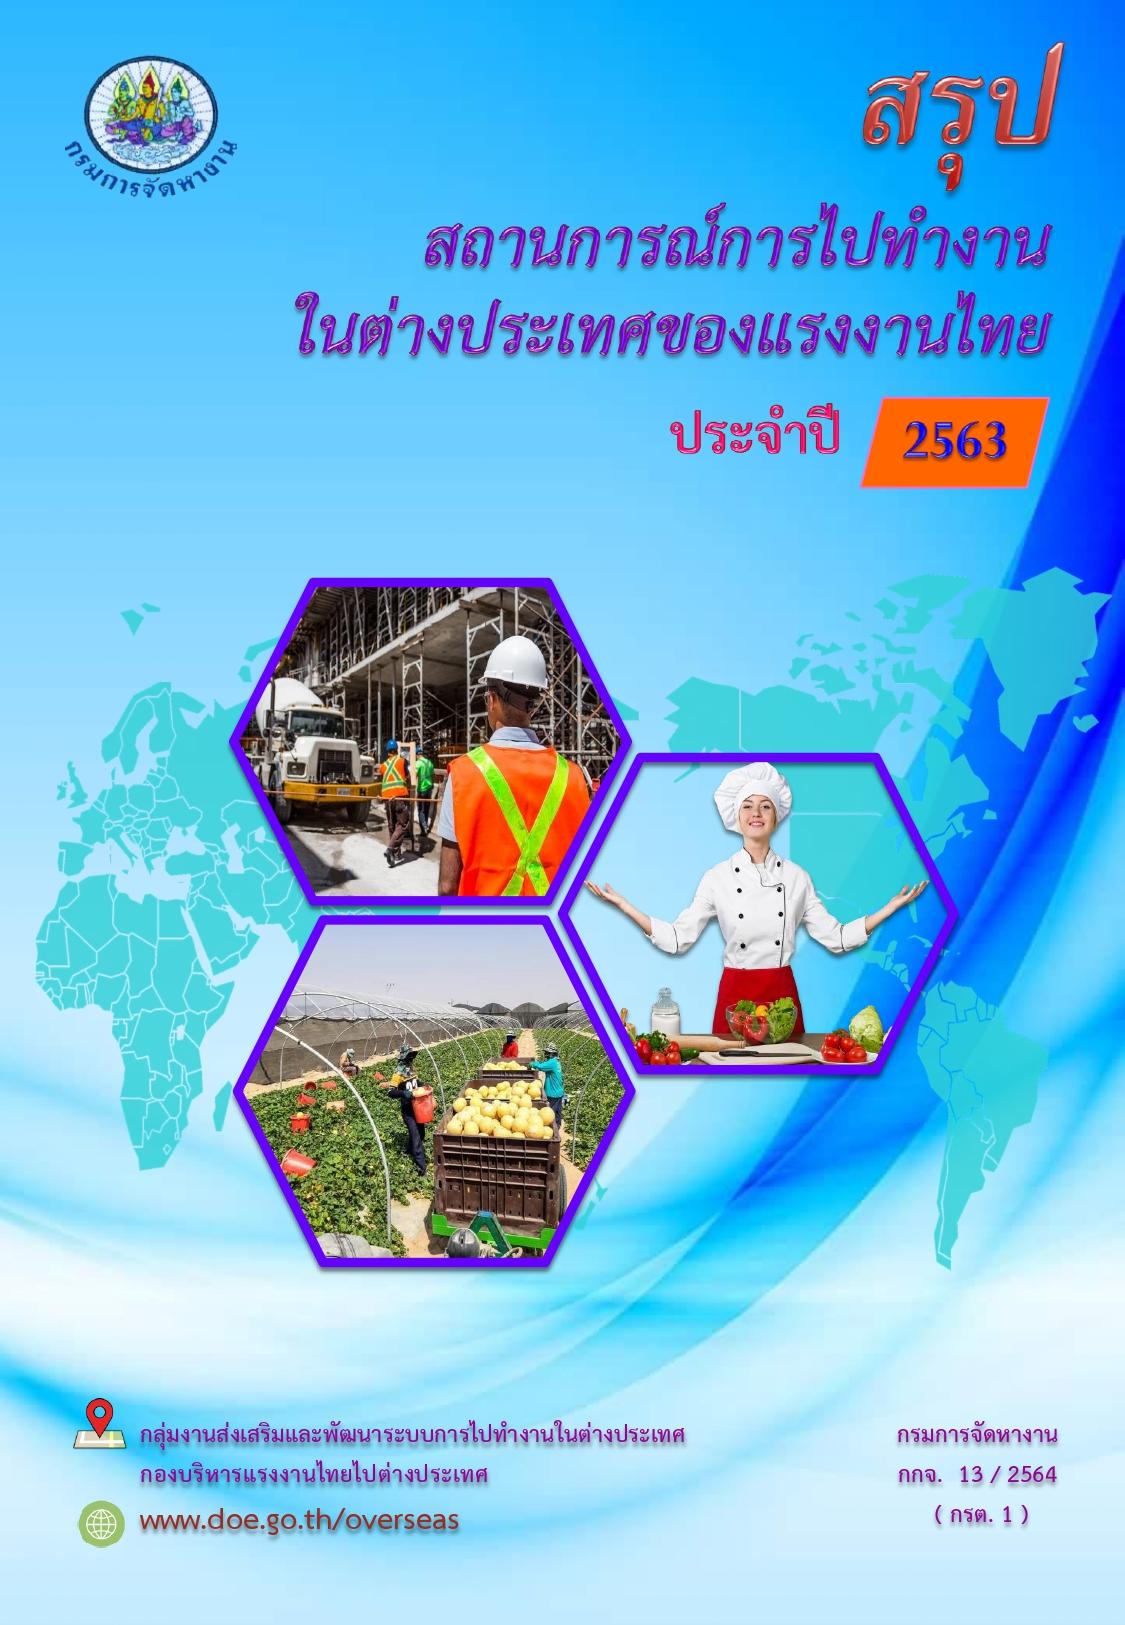 สรุป สถานการณ์การไปทำงานต่างประเทศของแรงงานไทย ประจำปี 2563